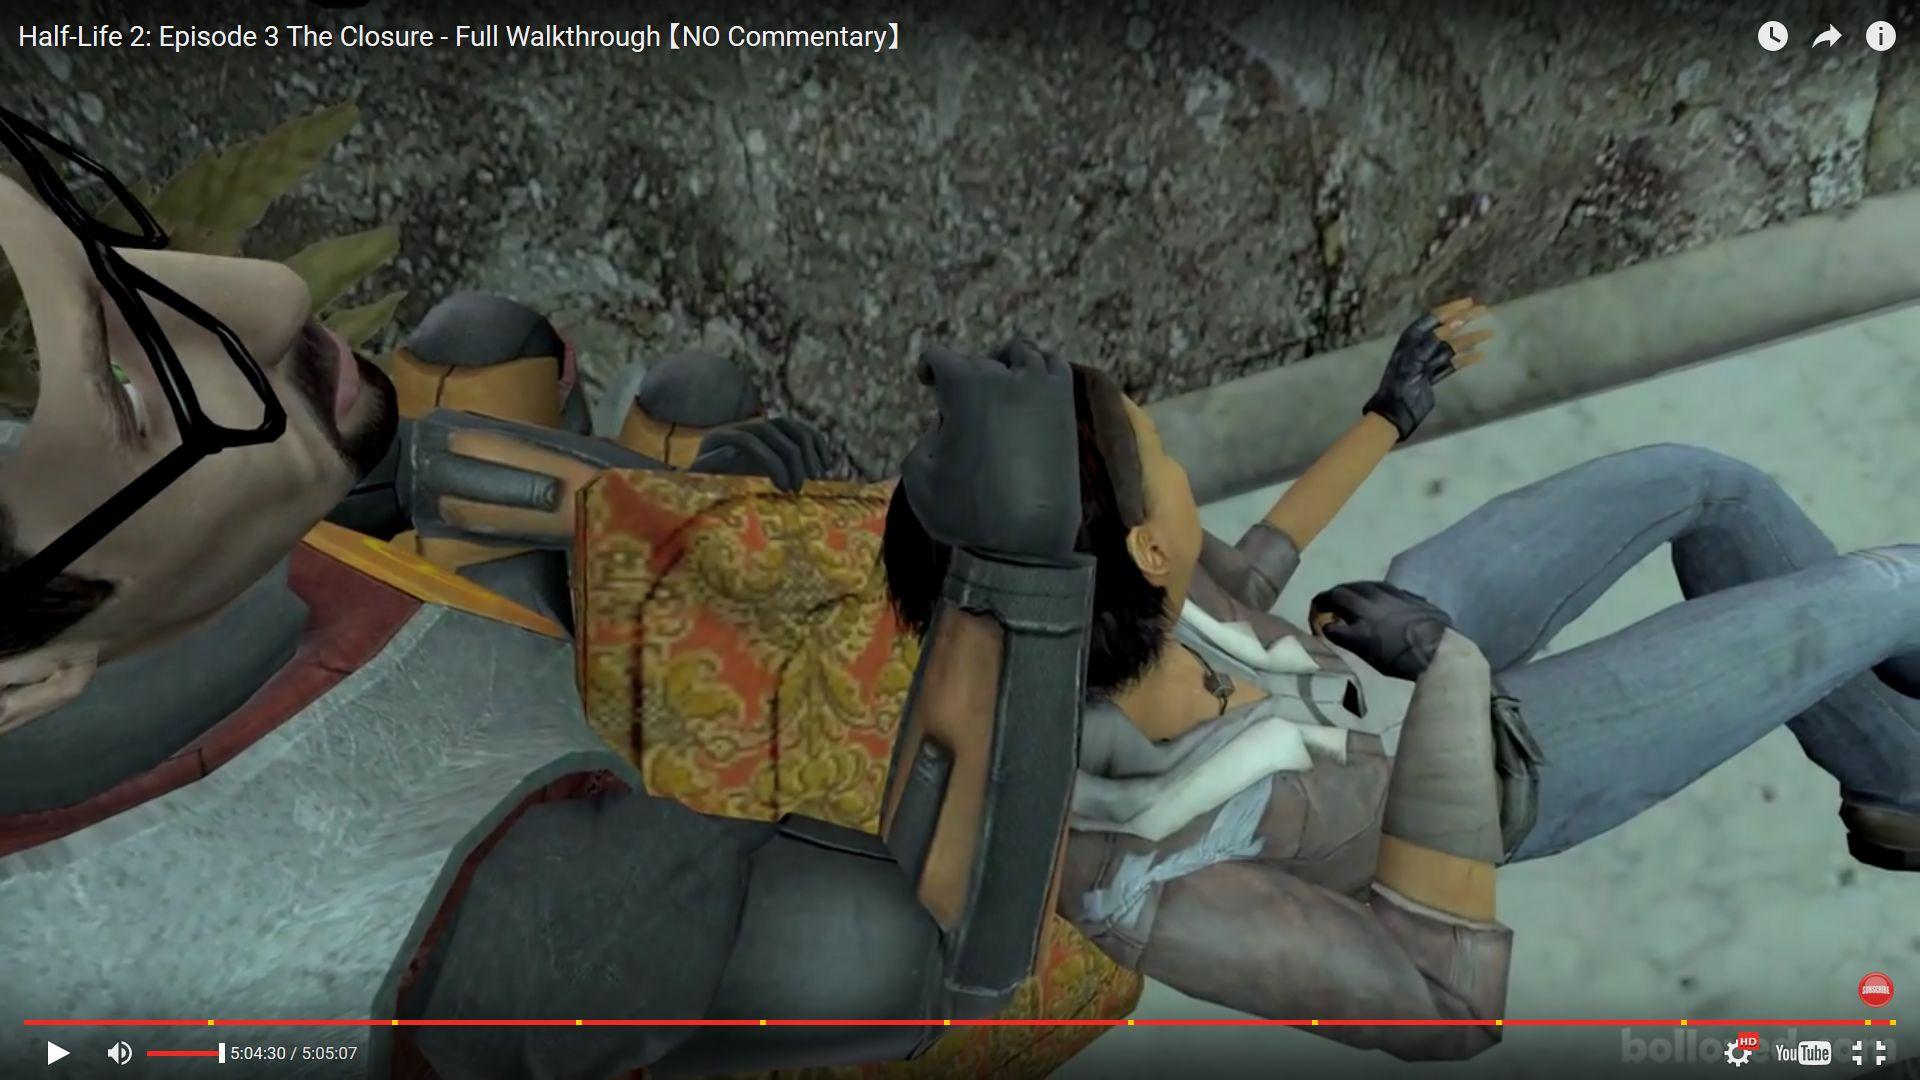 Echoplex hong kong massacre g-string half life 2 mod